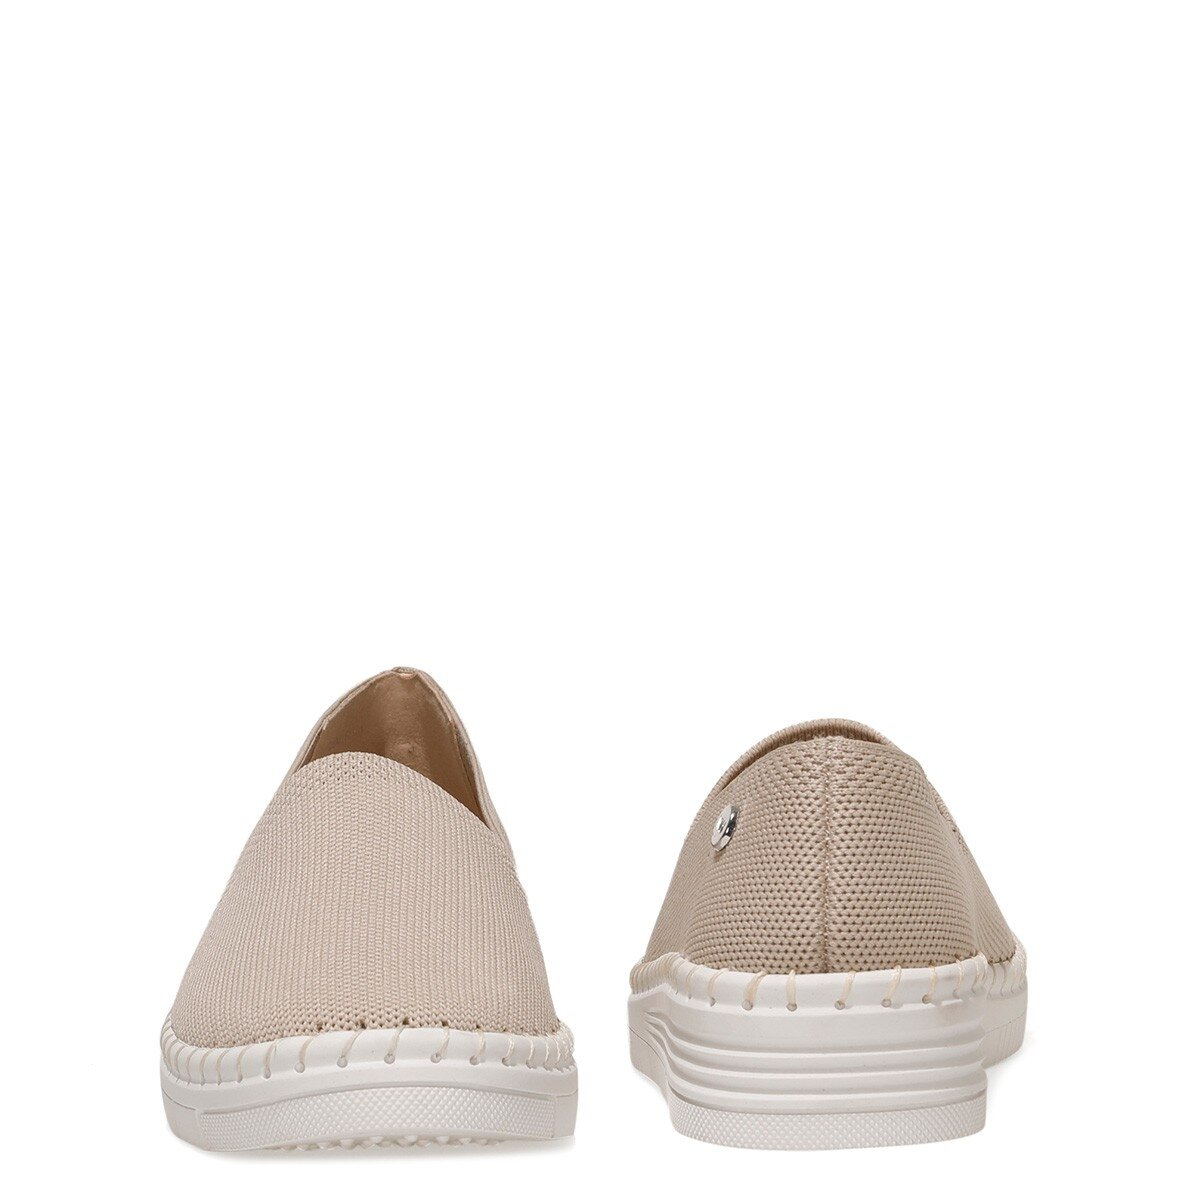 GRETCHEN2 1FX Bej Kadın Loafer Ayakkabı